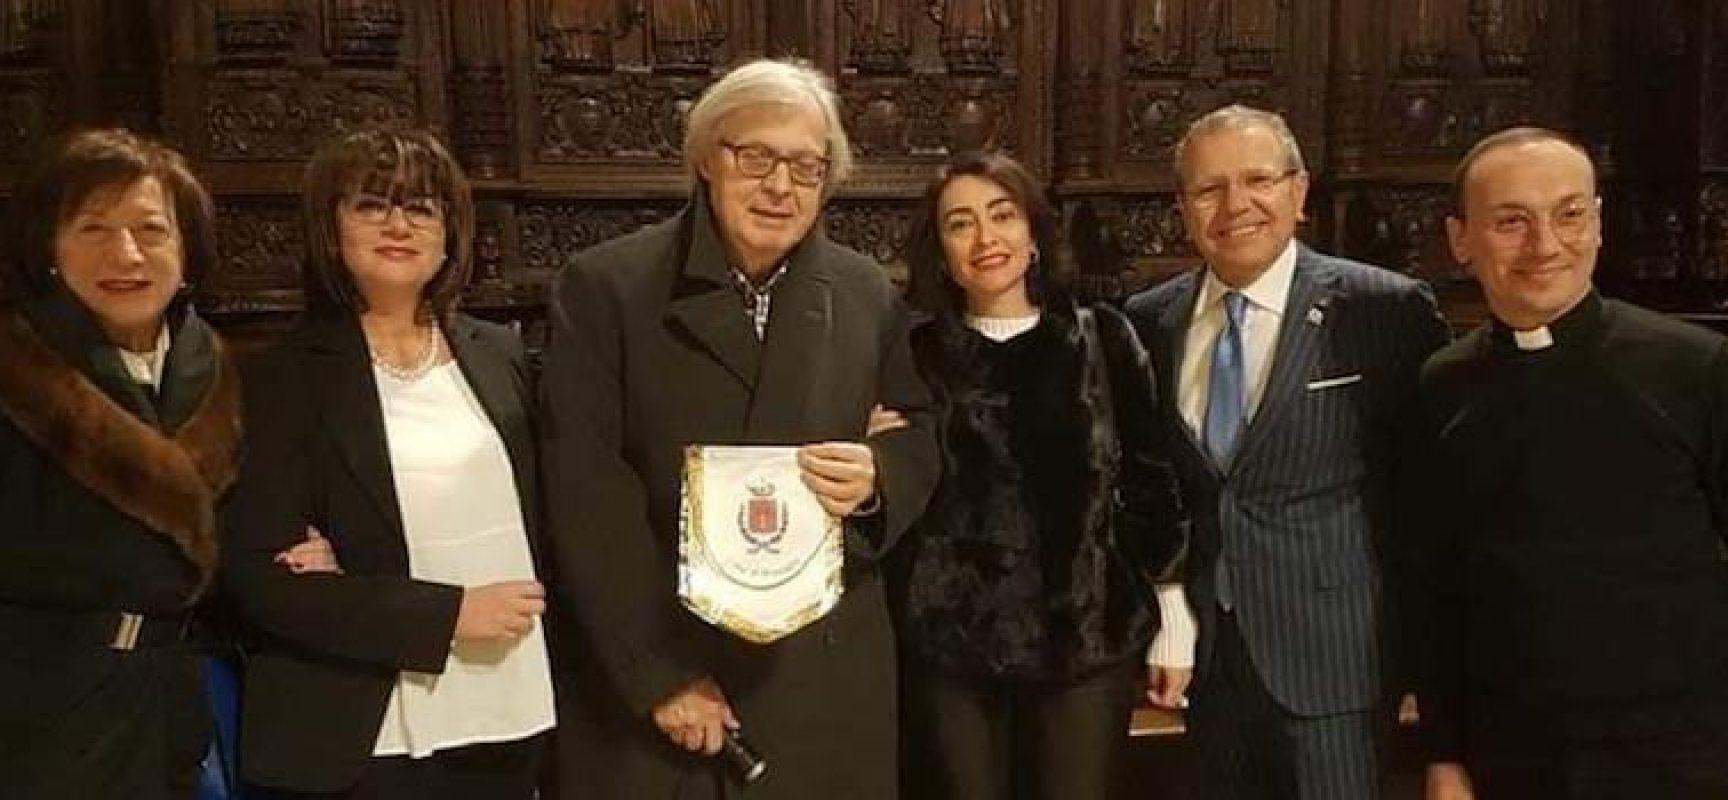 Restituito alla Cattedrale il coro ligneo restaurato: alla cerimonia anche Vittorio Sgarbi